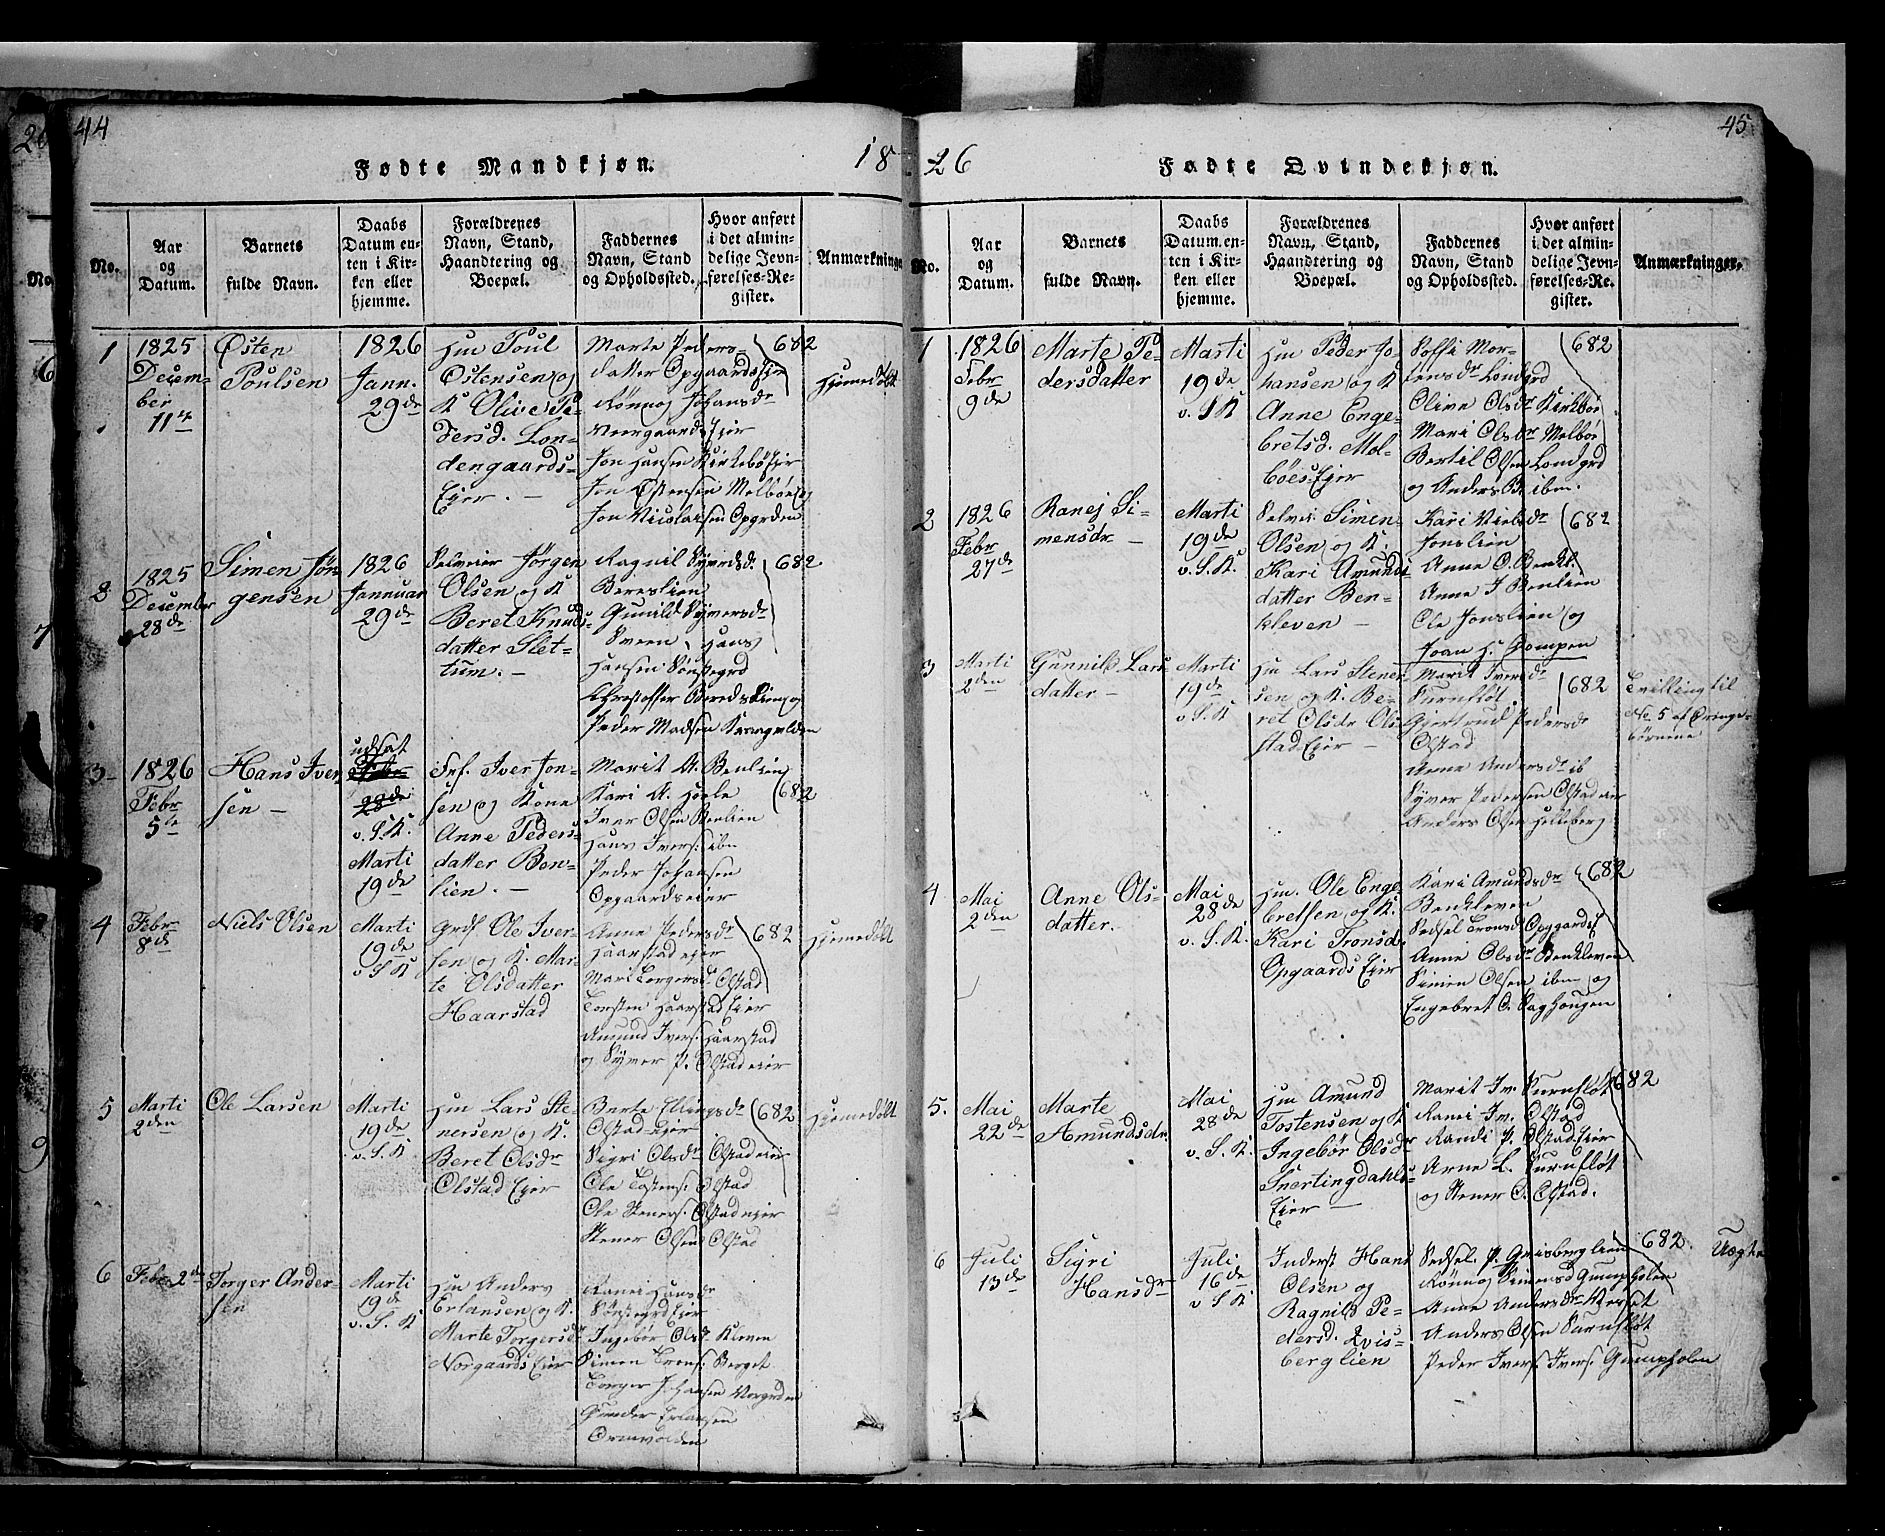 SAH, Gausdal prestekontor, Klokkerbok nr. 2, 1818-1874, s. 44-45